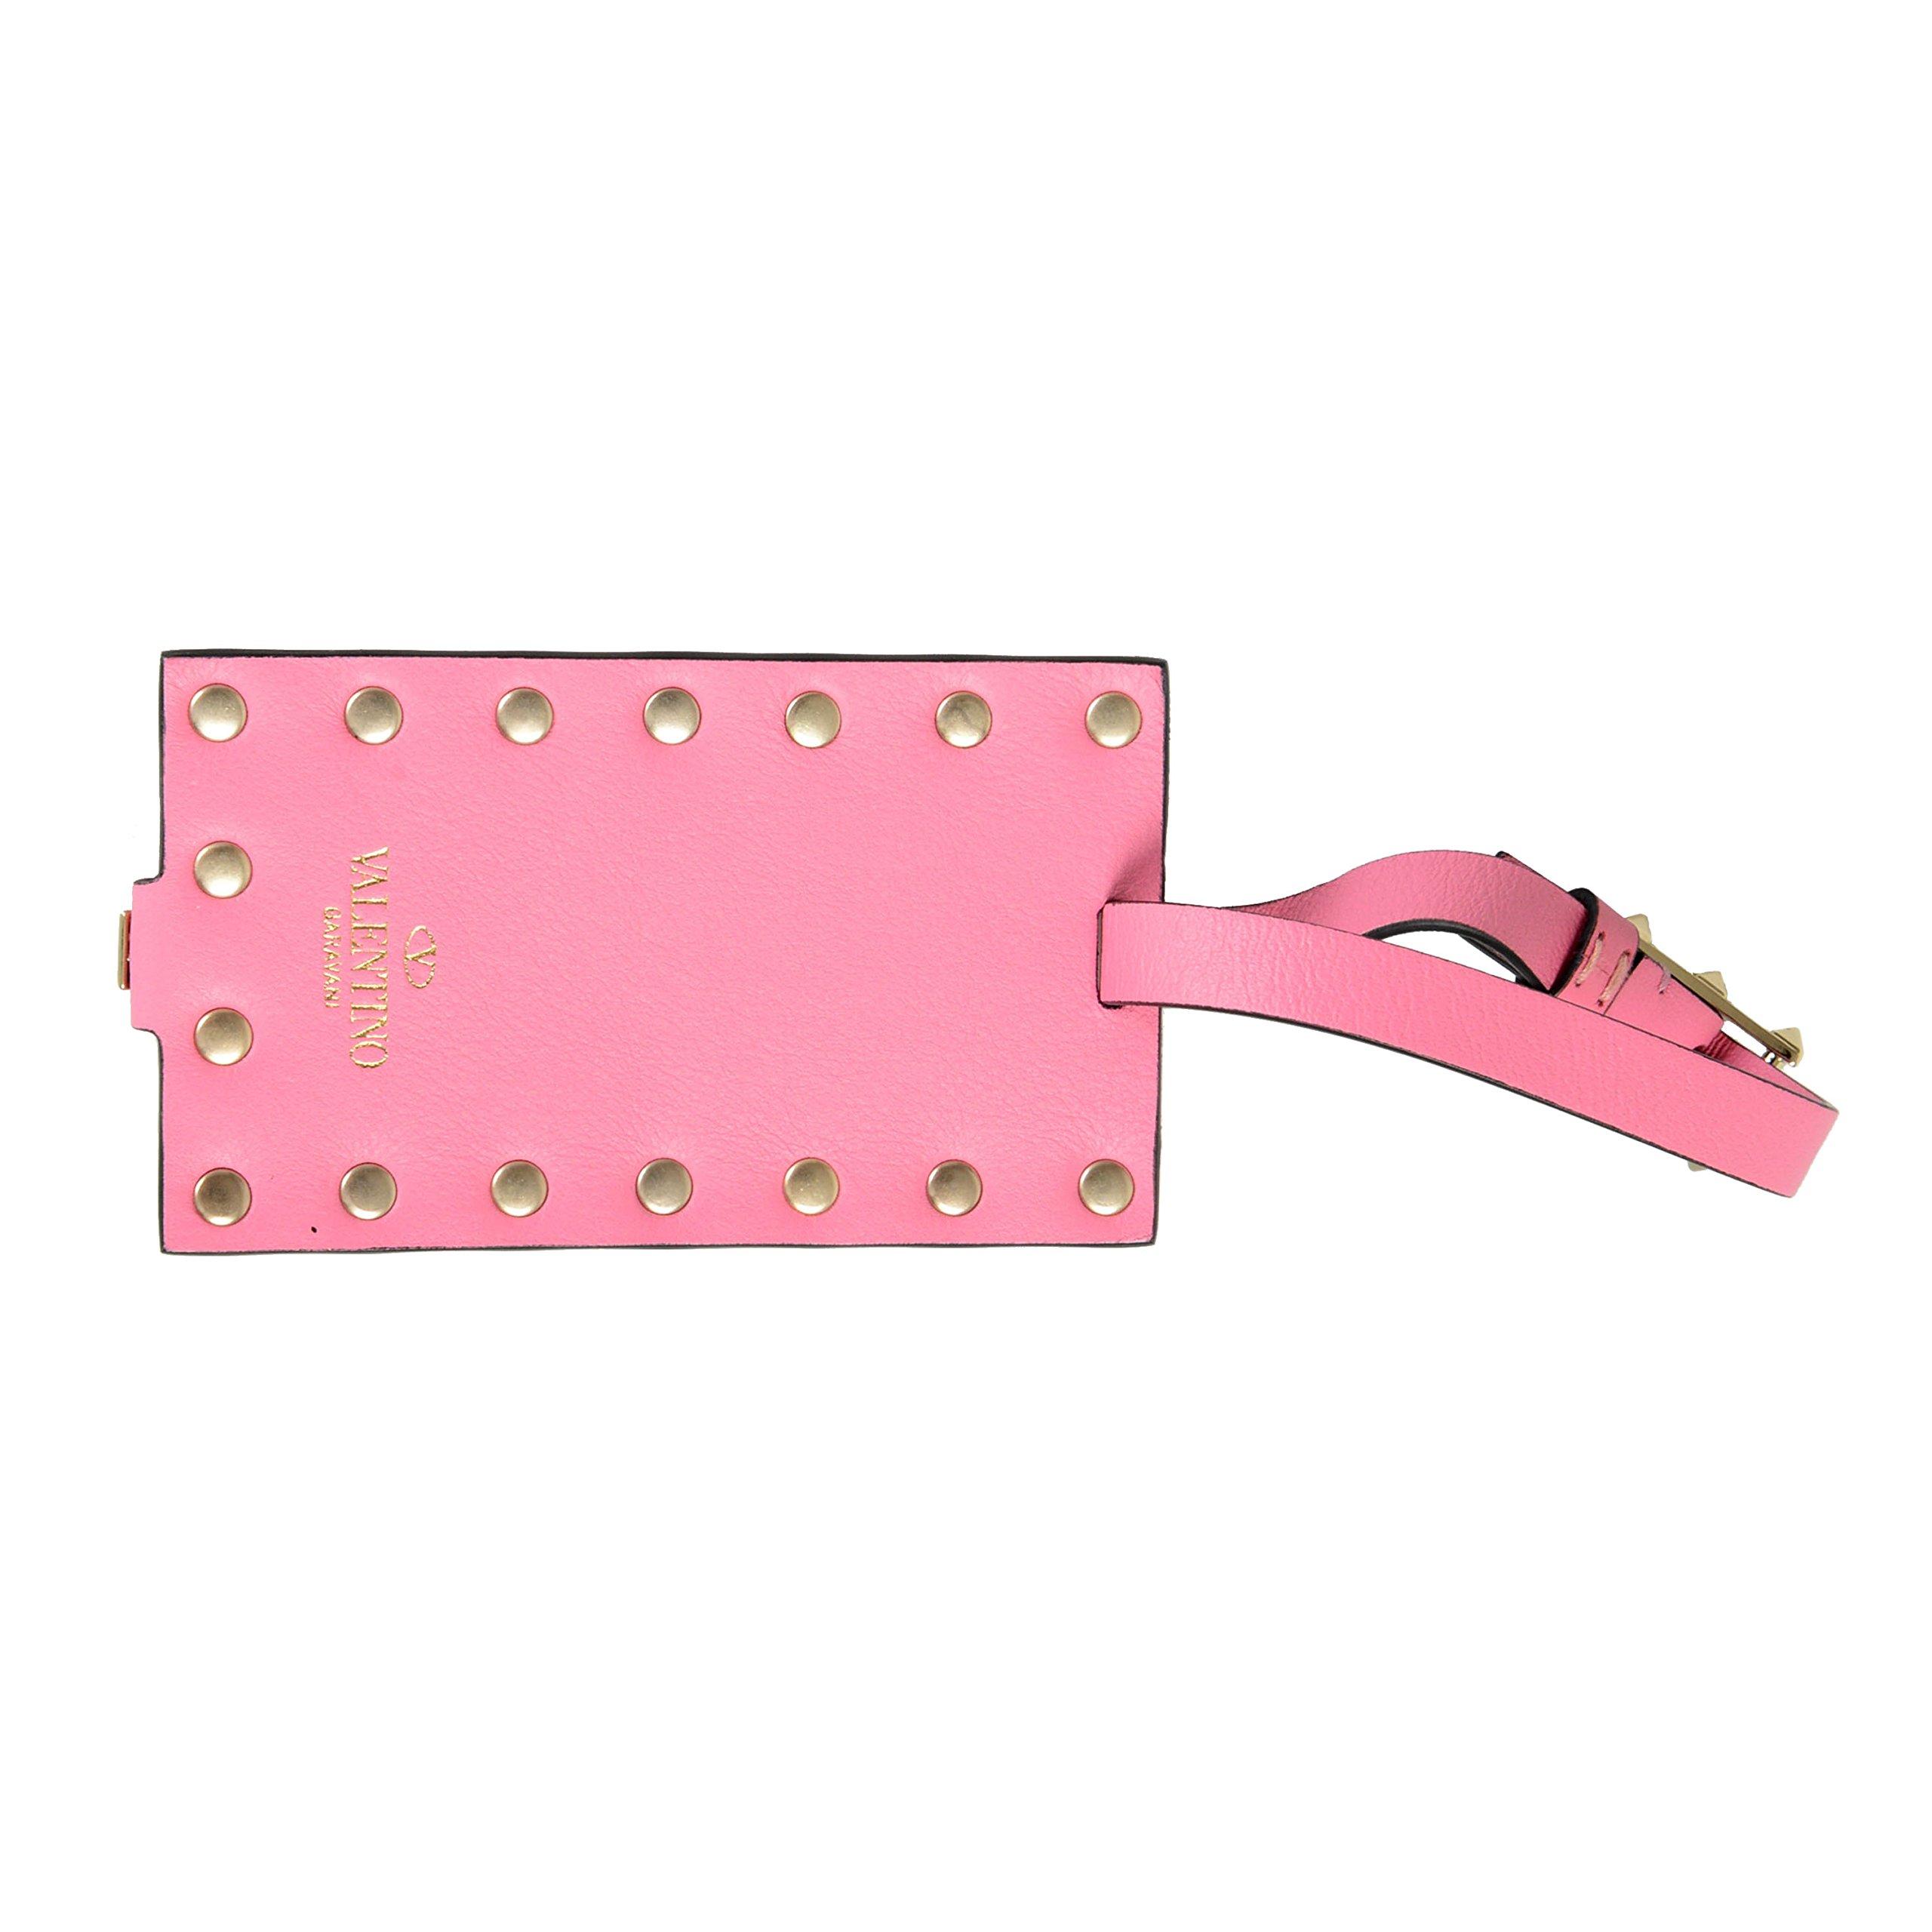 Valentino Garavani Unisex Pink Rockstud Leather Fashion Luggage Tag